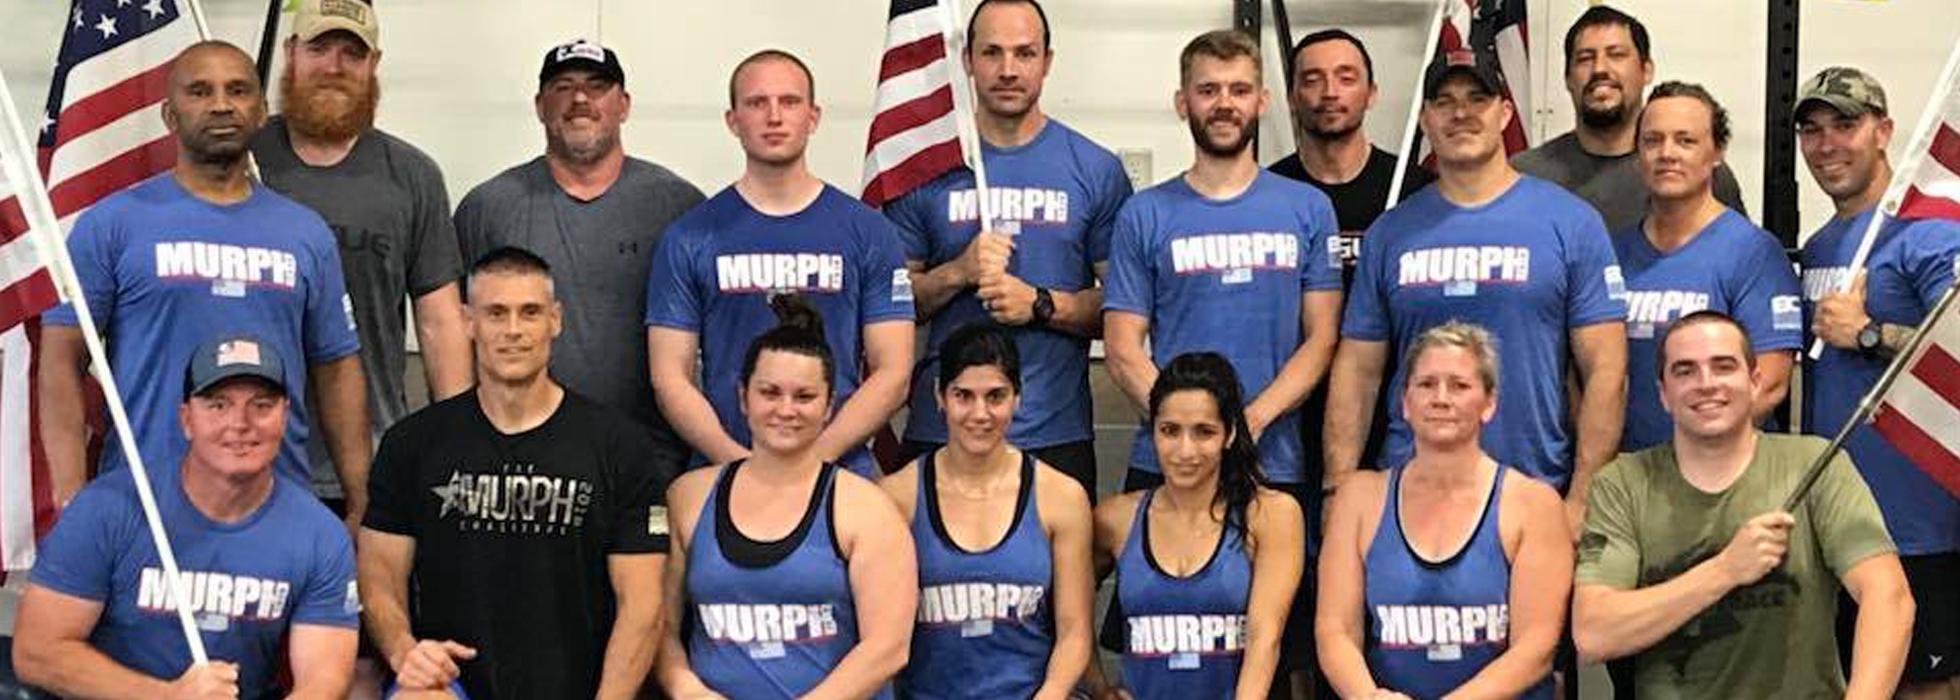 CrossFit Gym in Colora MD, CrossFit Gym near Rising Sun MD, CrossFit Gym near Perryville MD, CrossFit Gym near Oxford MD